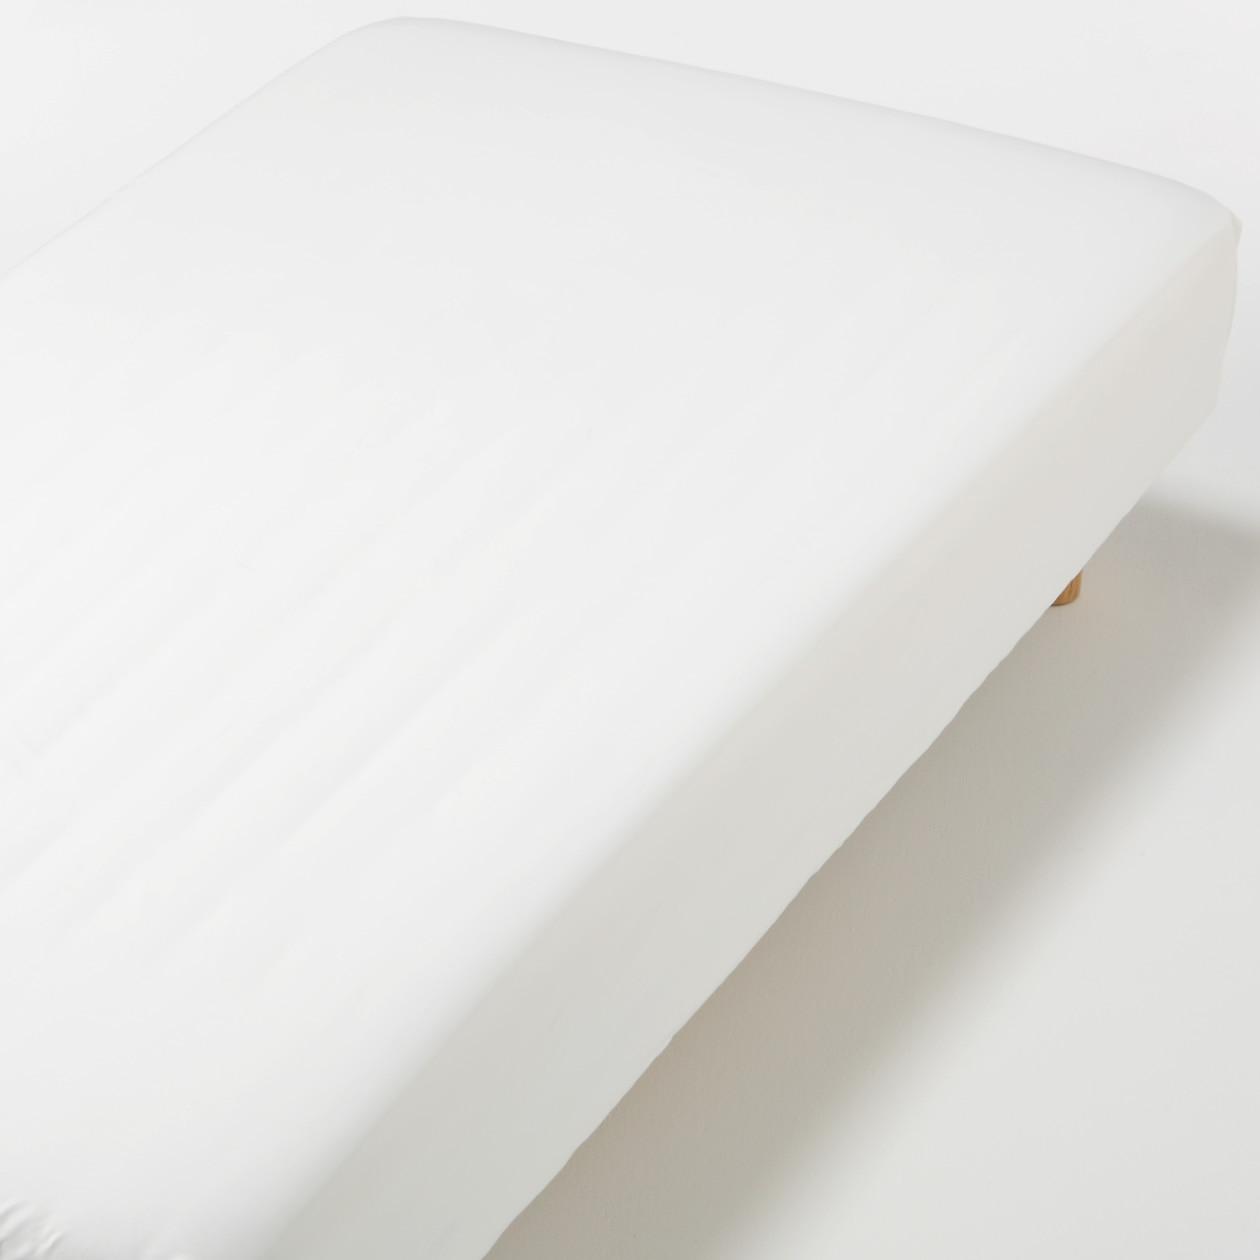 インド綿高密度サテン織ホテル仕様ボックスシーツS/オフ白